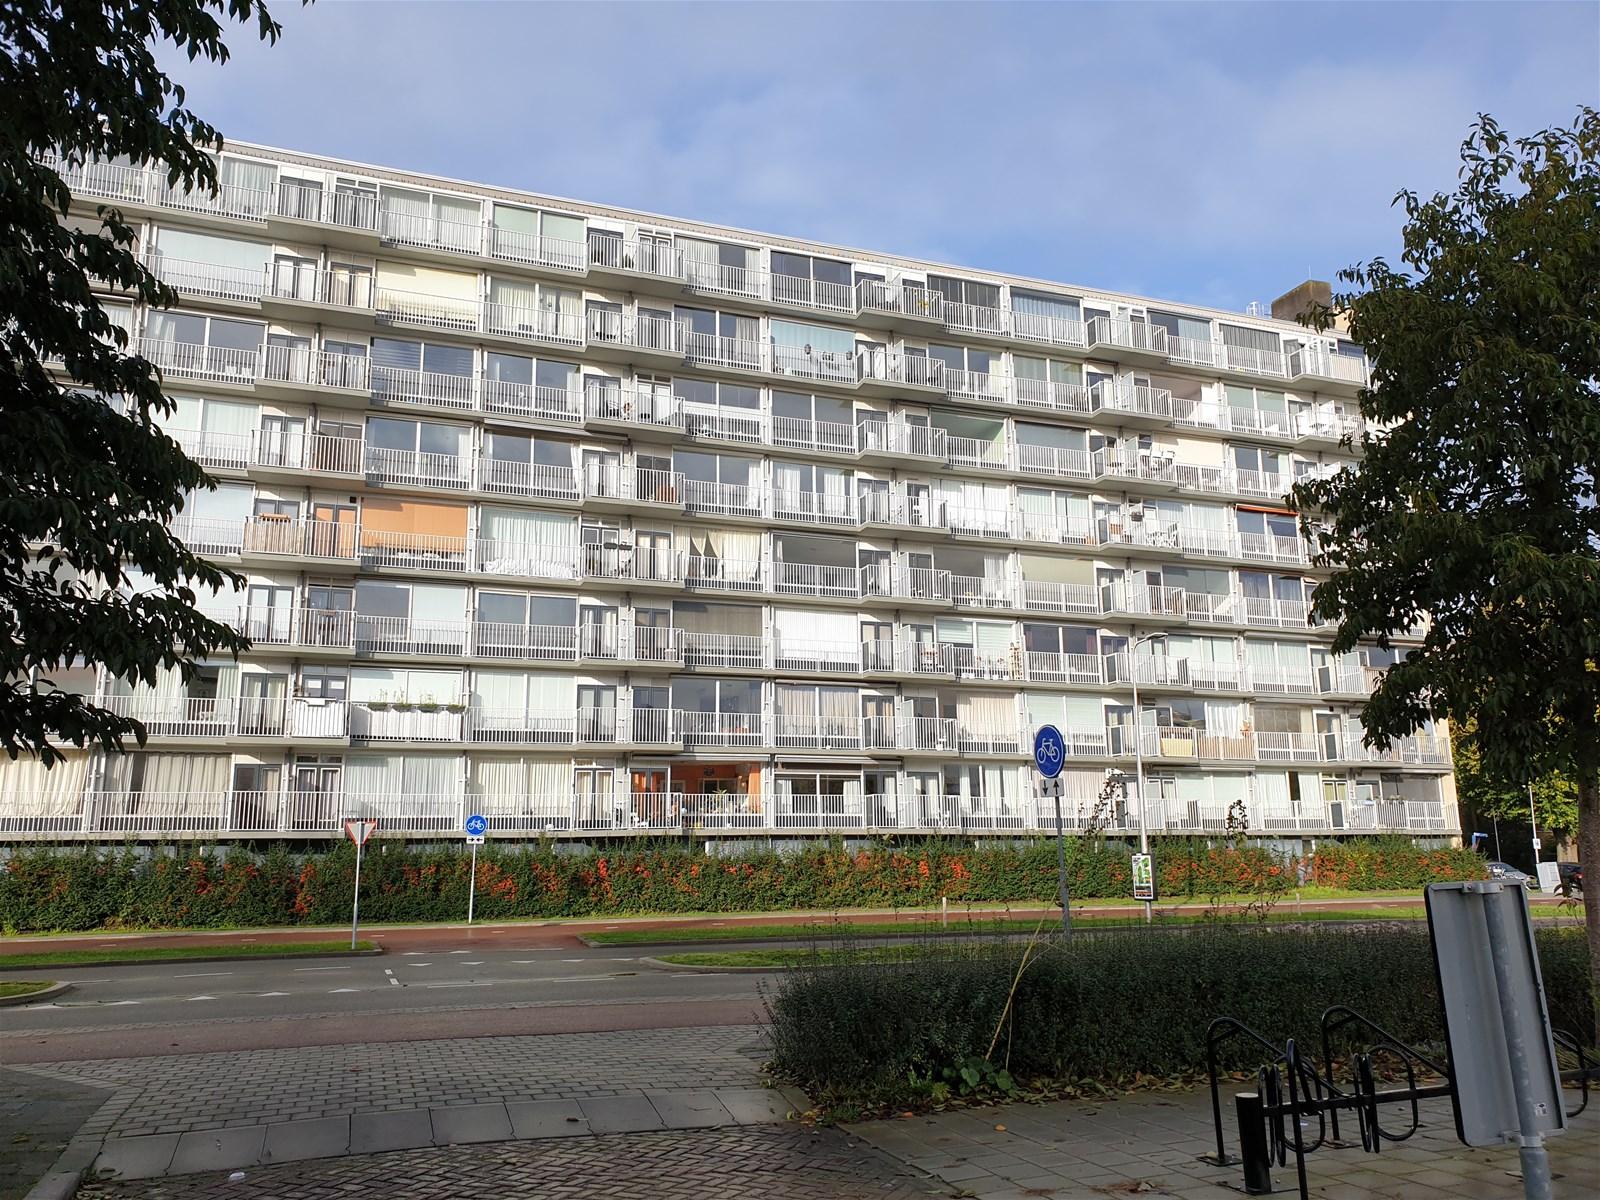 Rauwenhofflaan 28